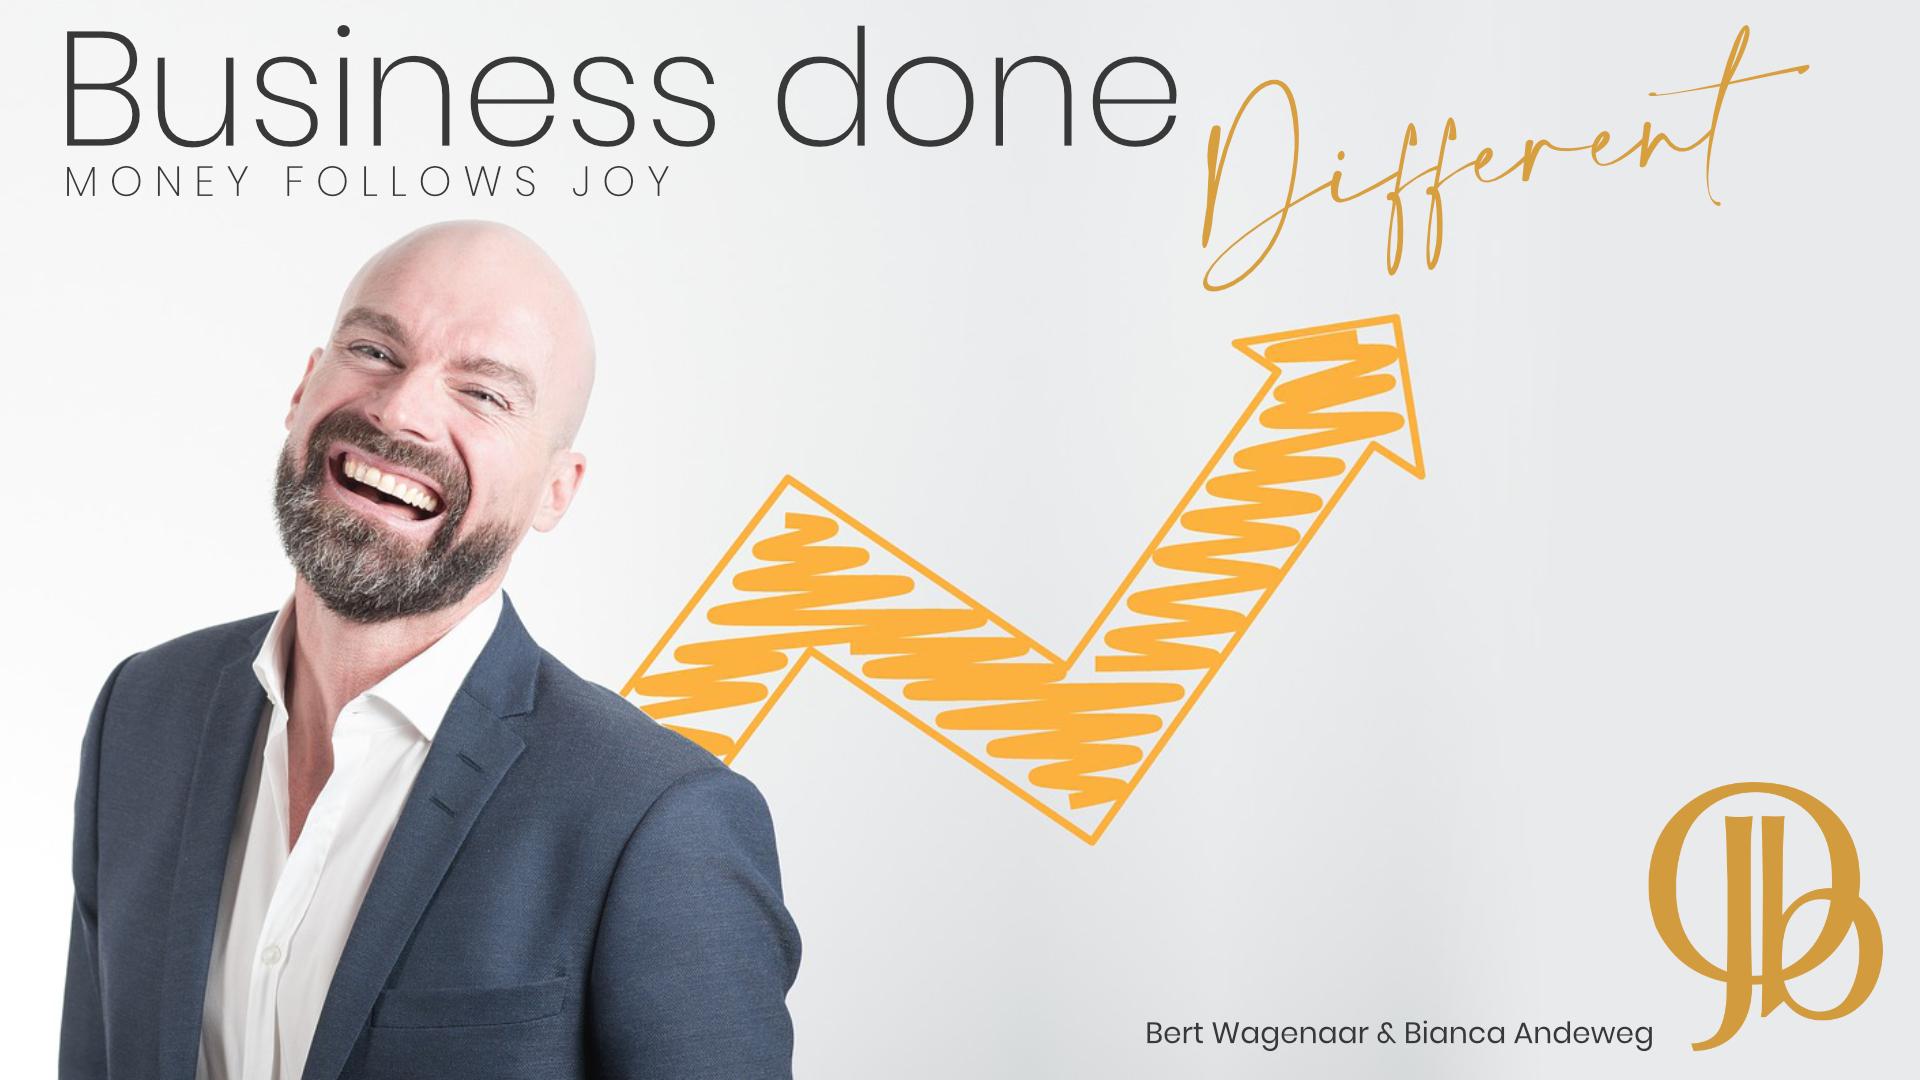 Durf jij anders te zijn? Je kop boven het maaiveld uit te steken? Iets te ondernemen terwijl iedereen je voor gek verklaart? Welkom bij Business Done Different.